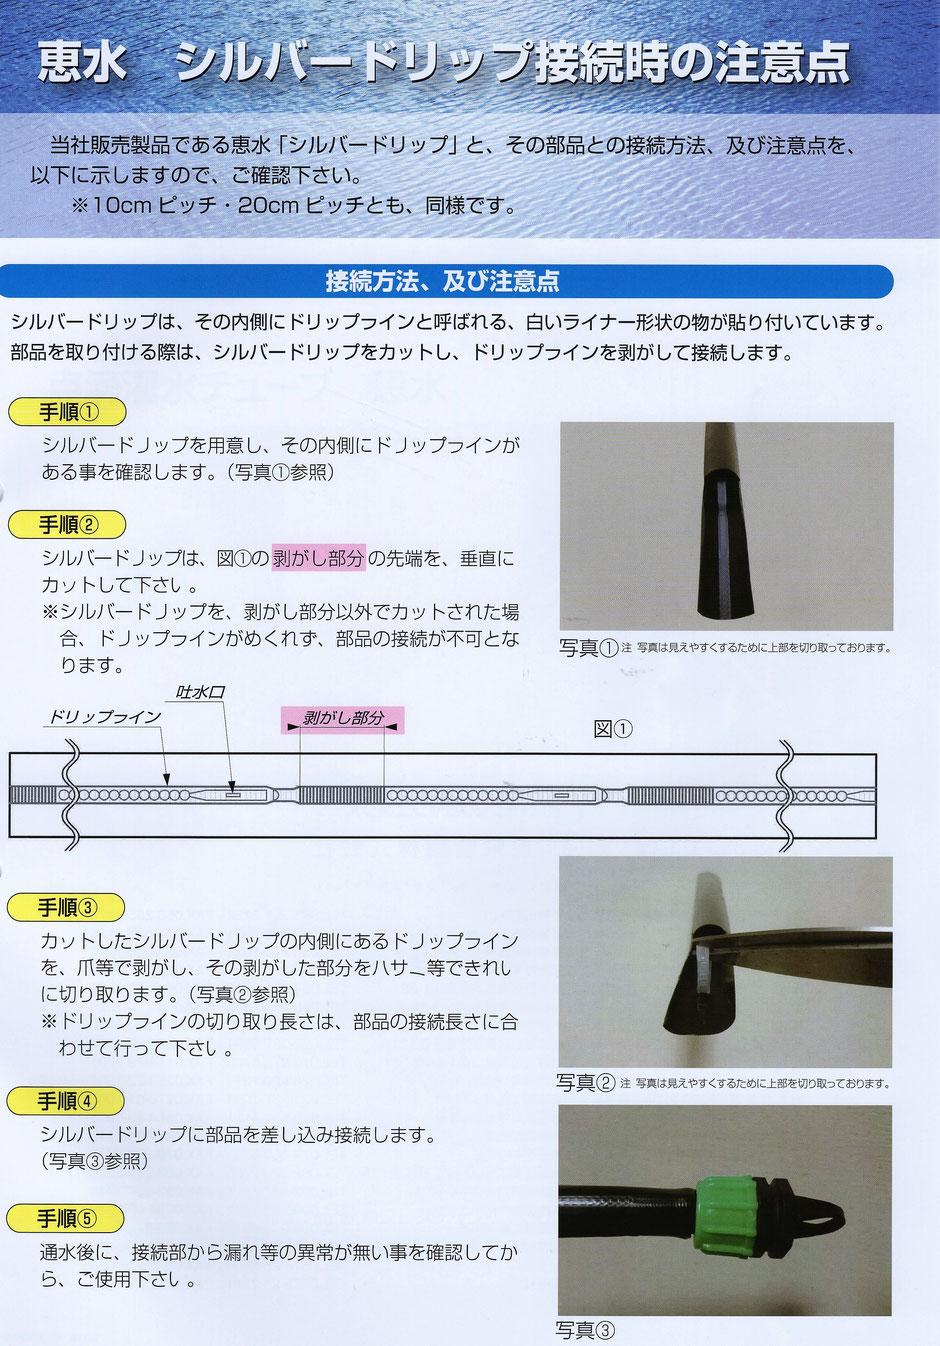 冠水チューブの接続用に使われる、様々な部品価格表です。